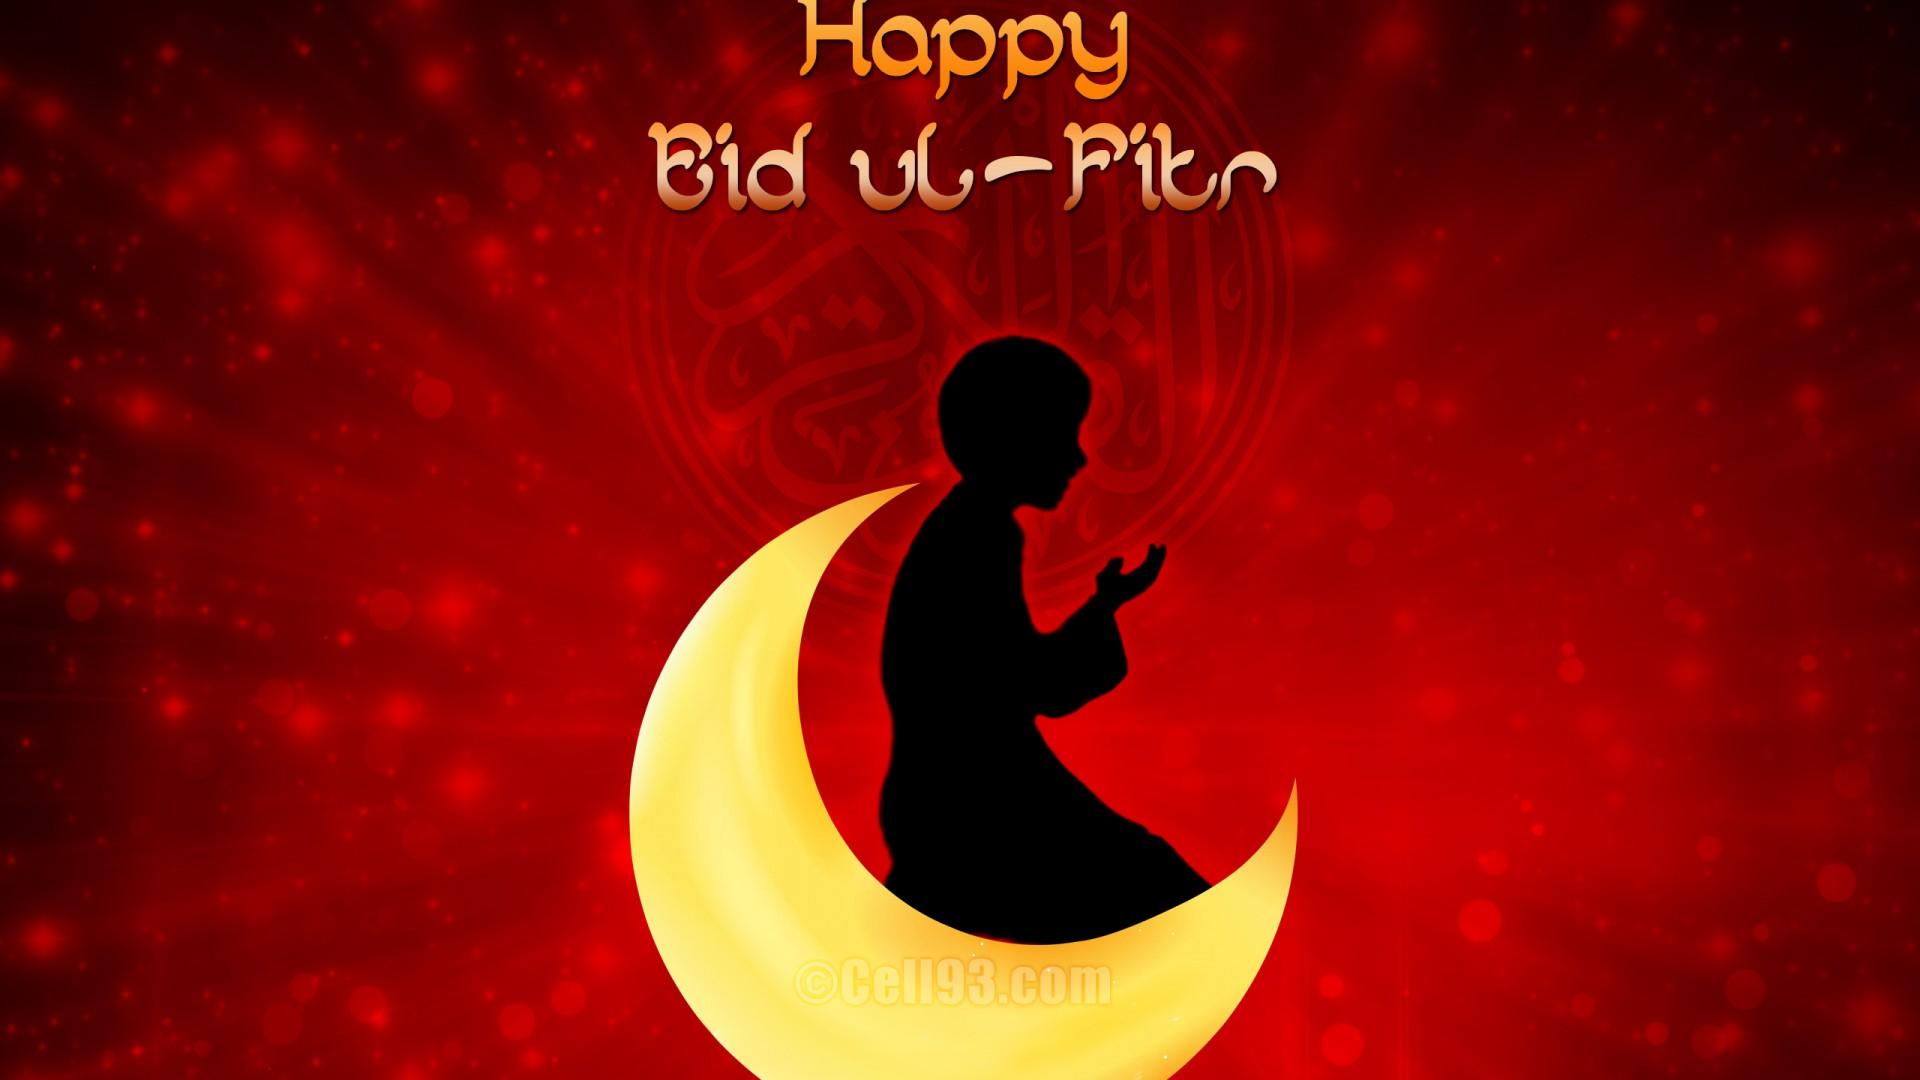 Beautiful Image Of Eid Mubarak Eid Ul Fitr